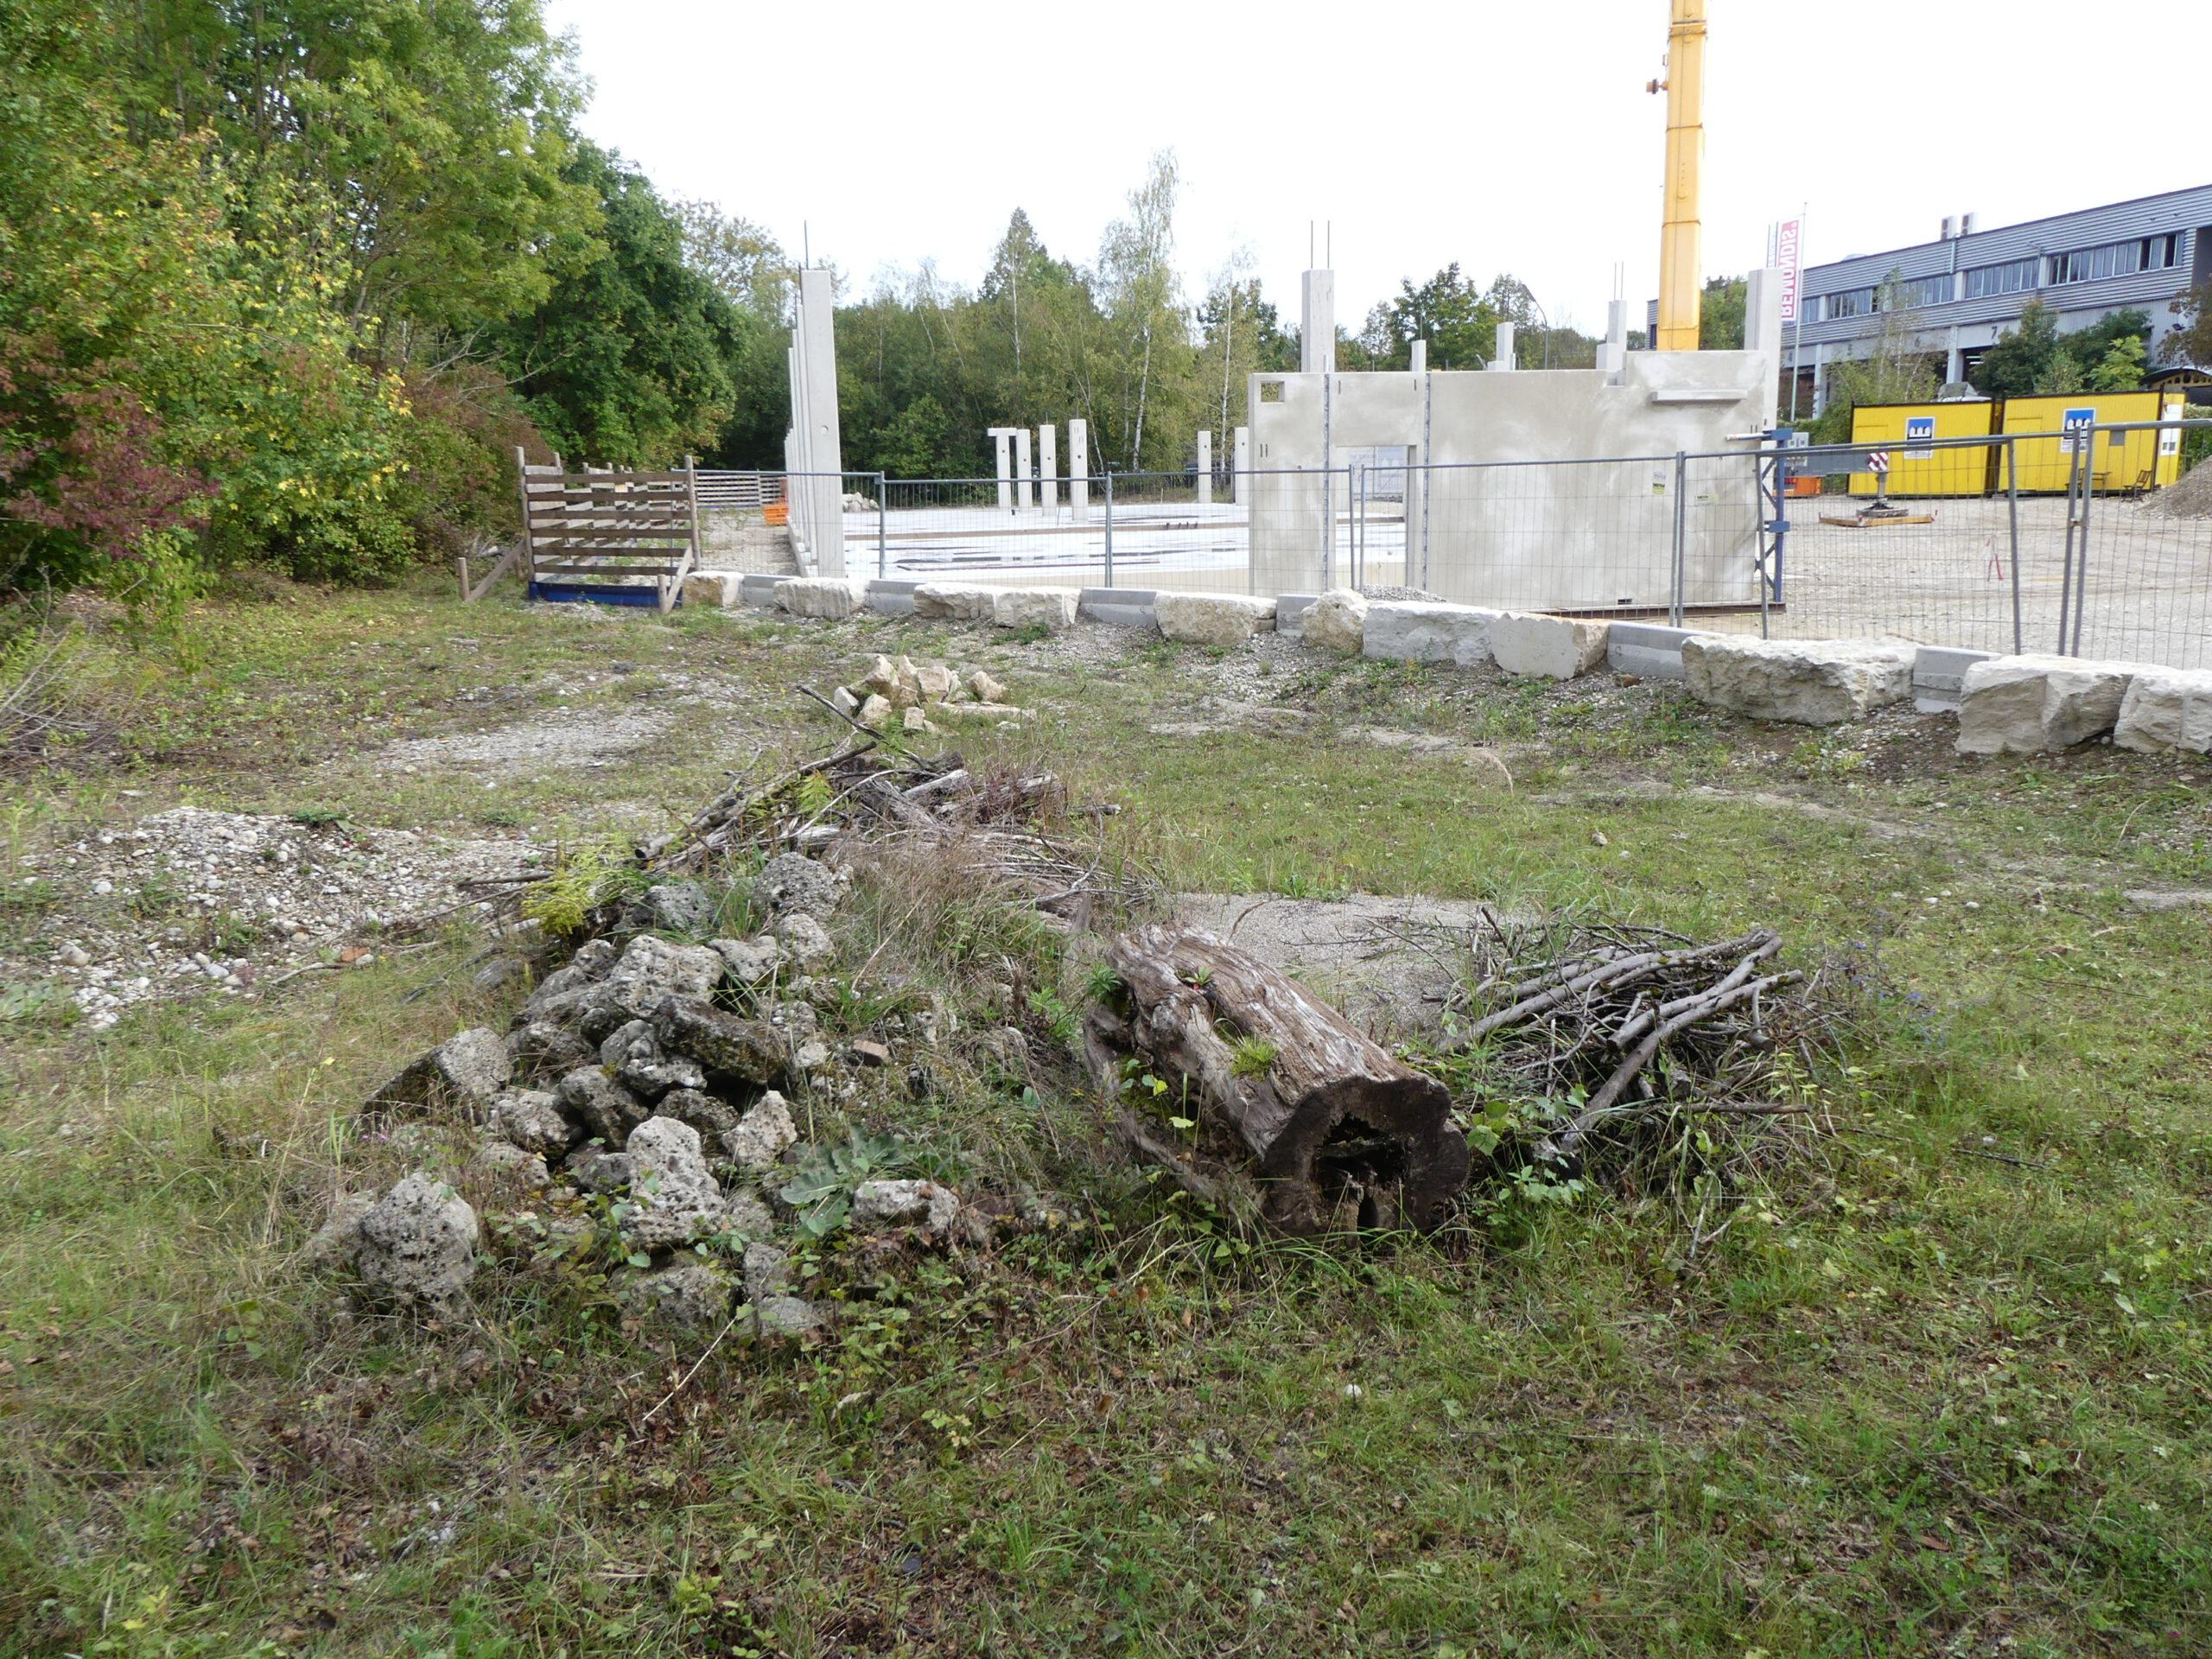 Zauneidechsen-Habitatstruktur vor Baustelle